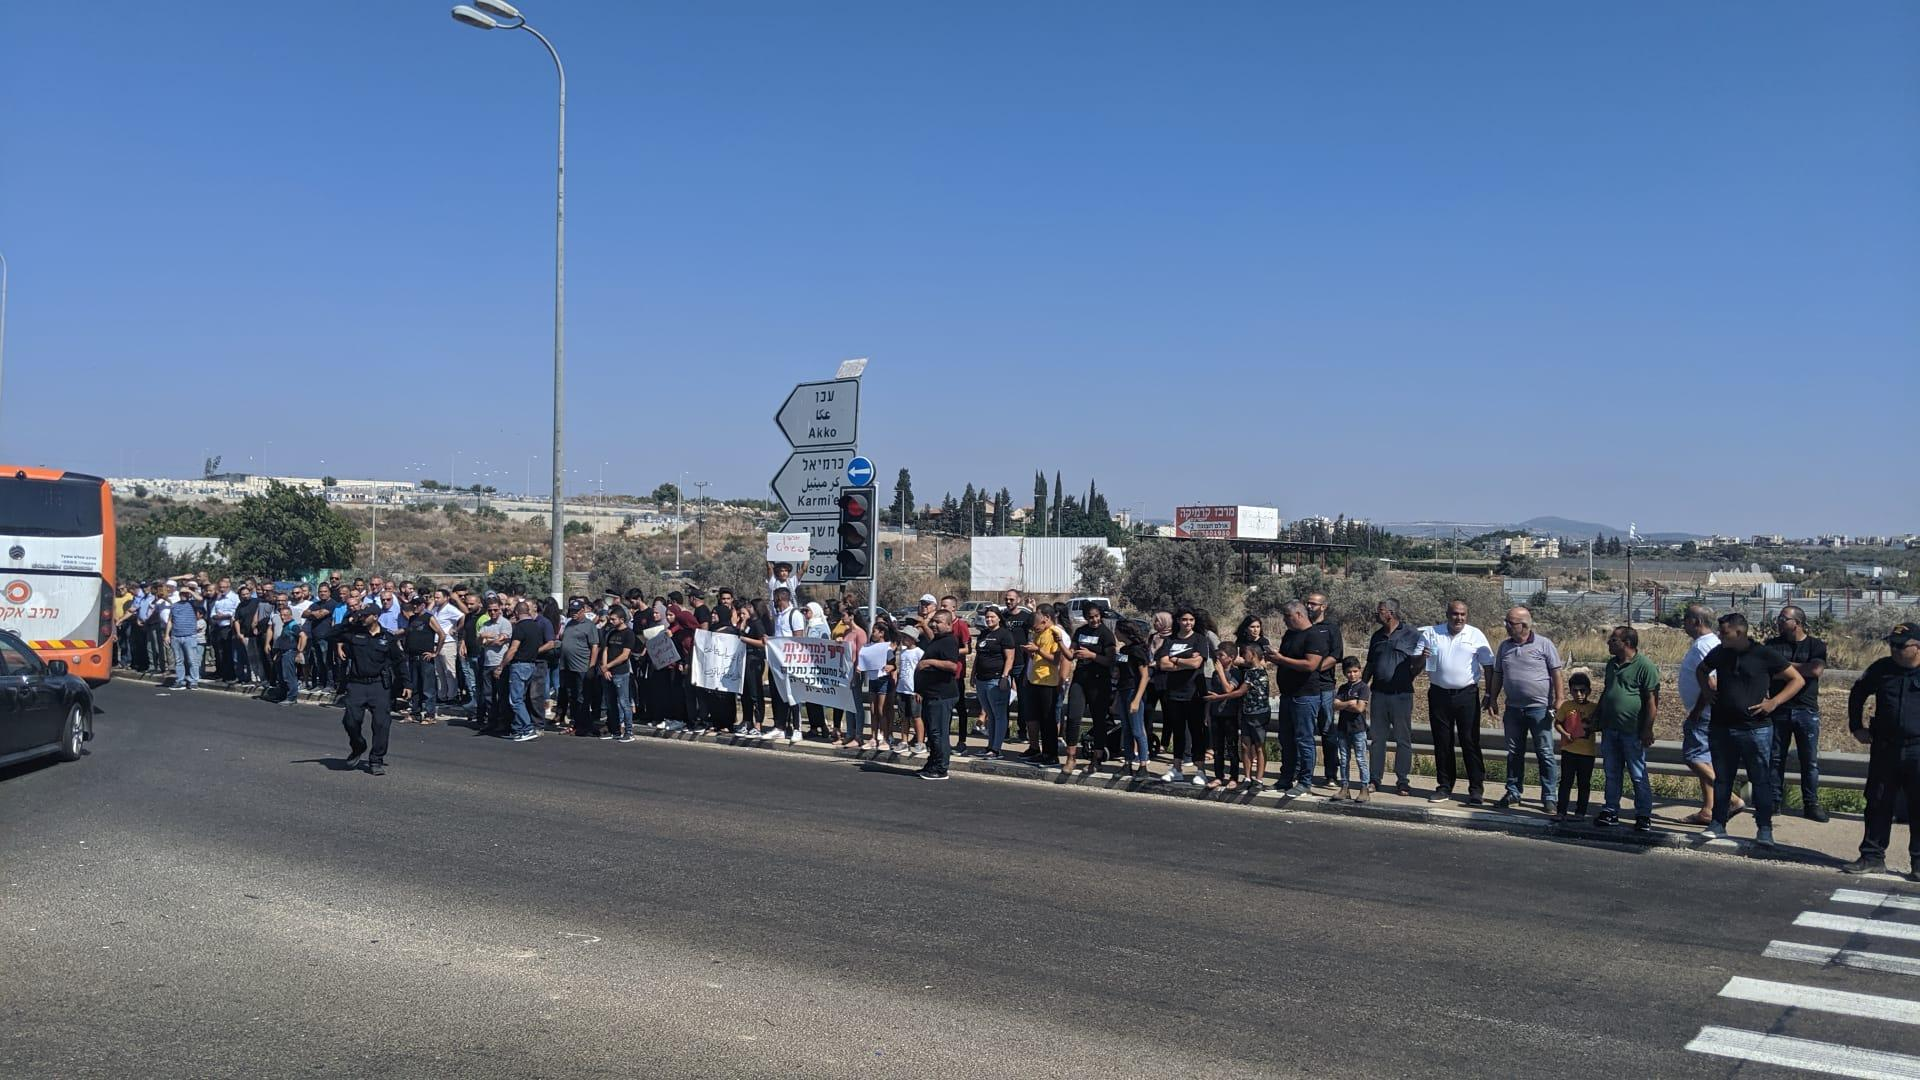 مظاهرات وإغلاق شوارع احتجاجا على الجريمة وتواطؤ الشرطة